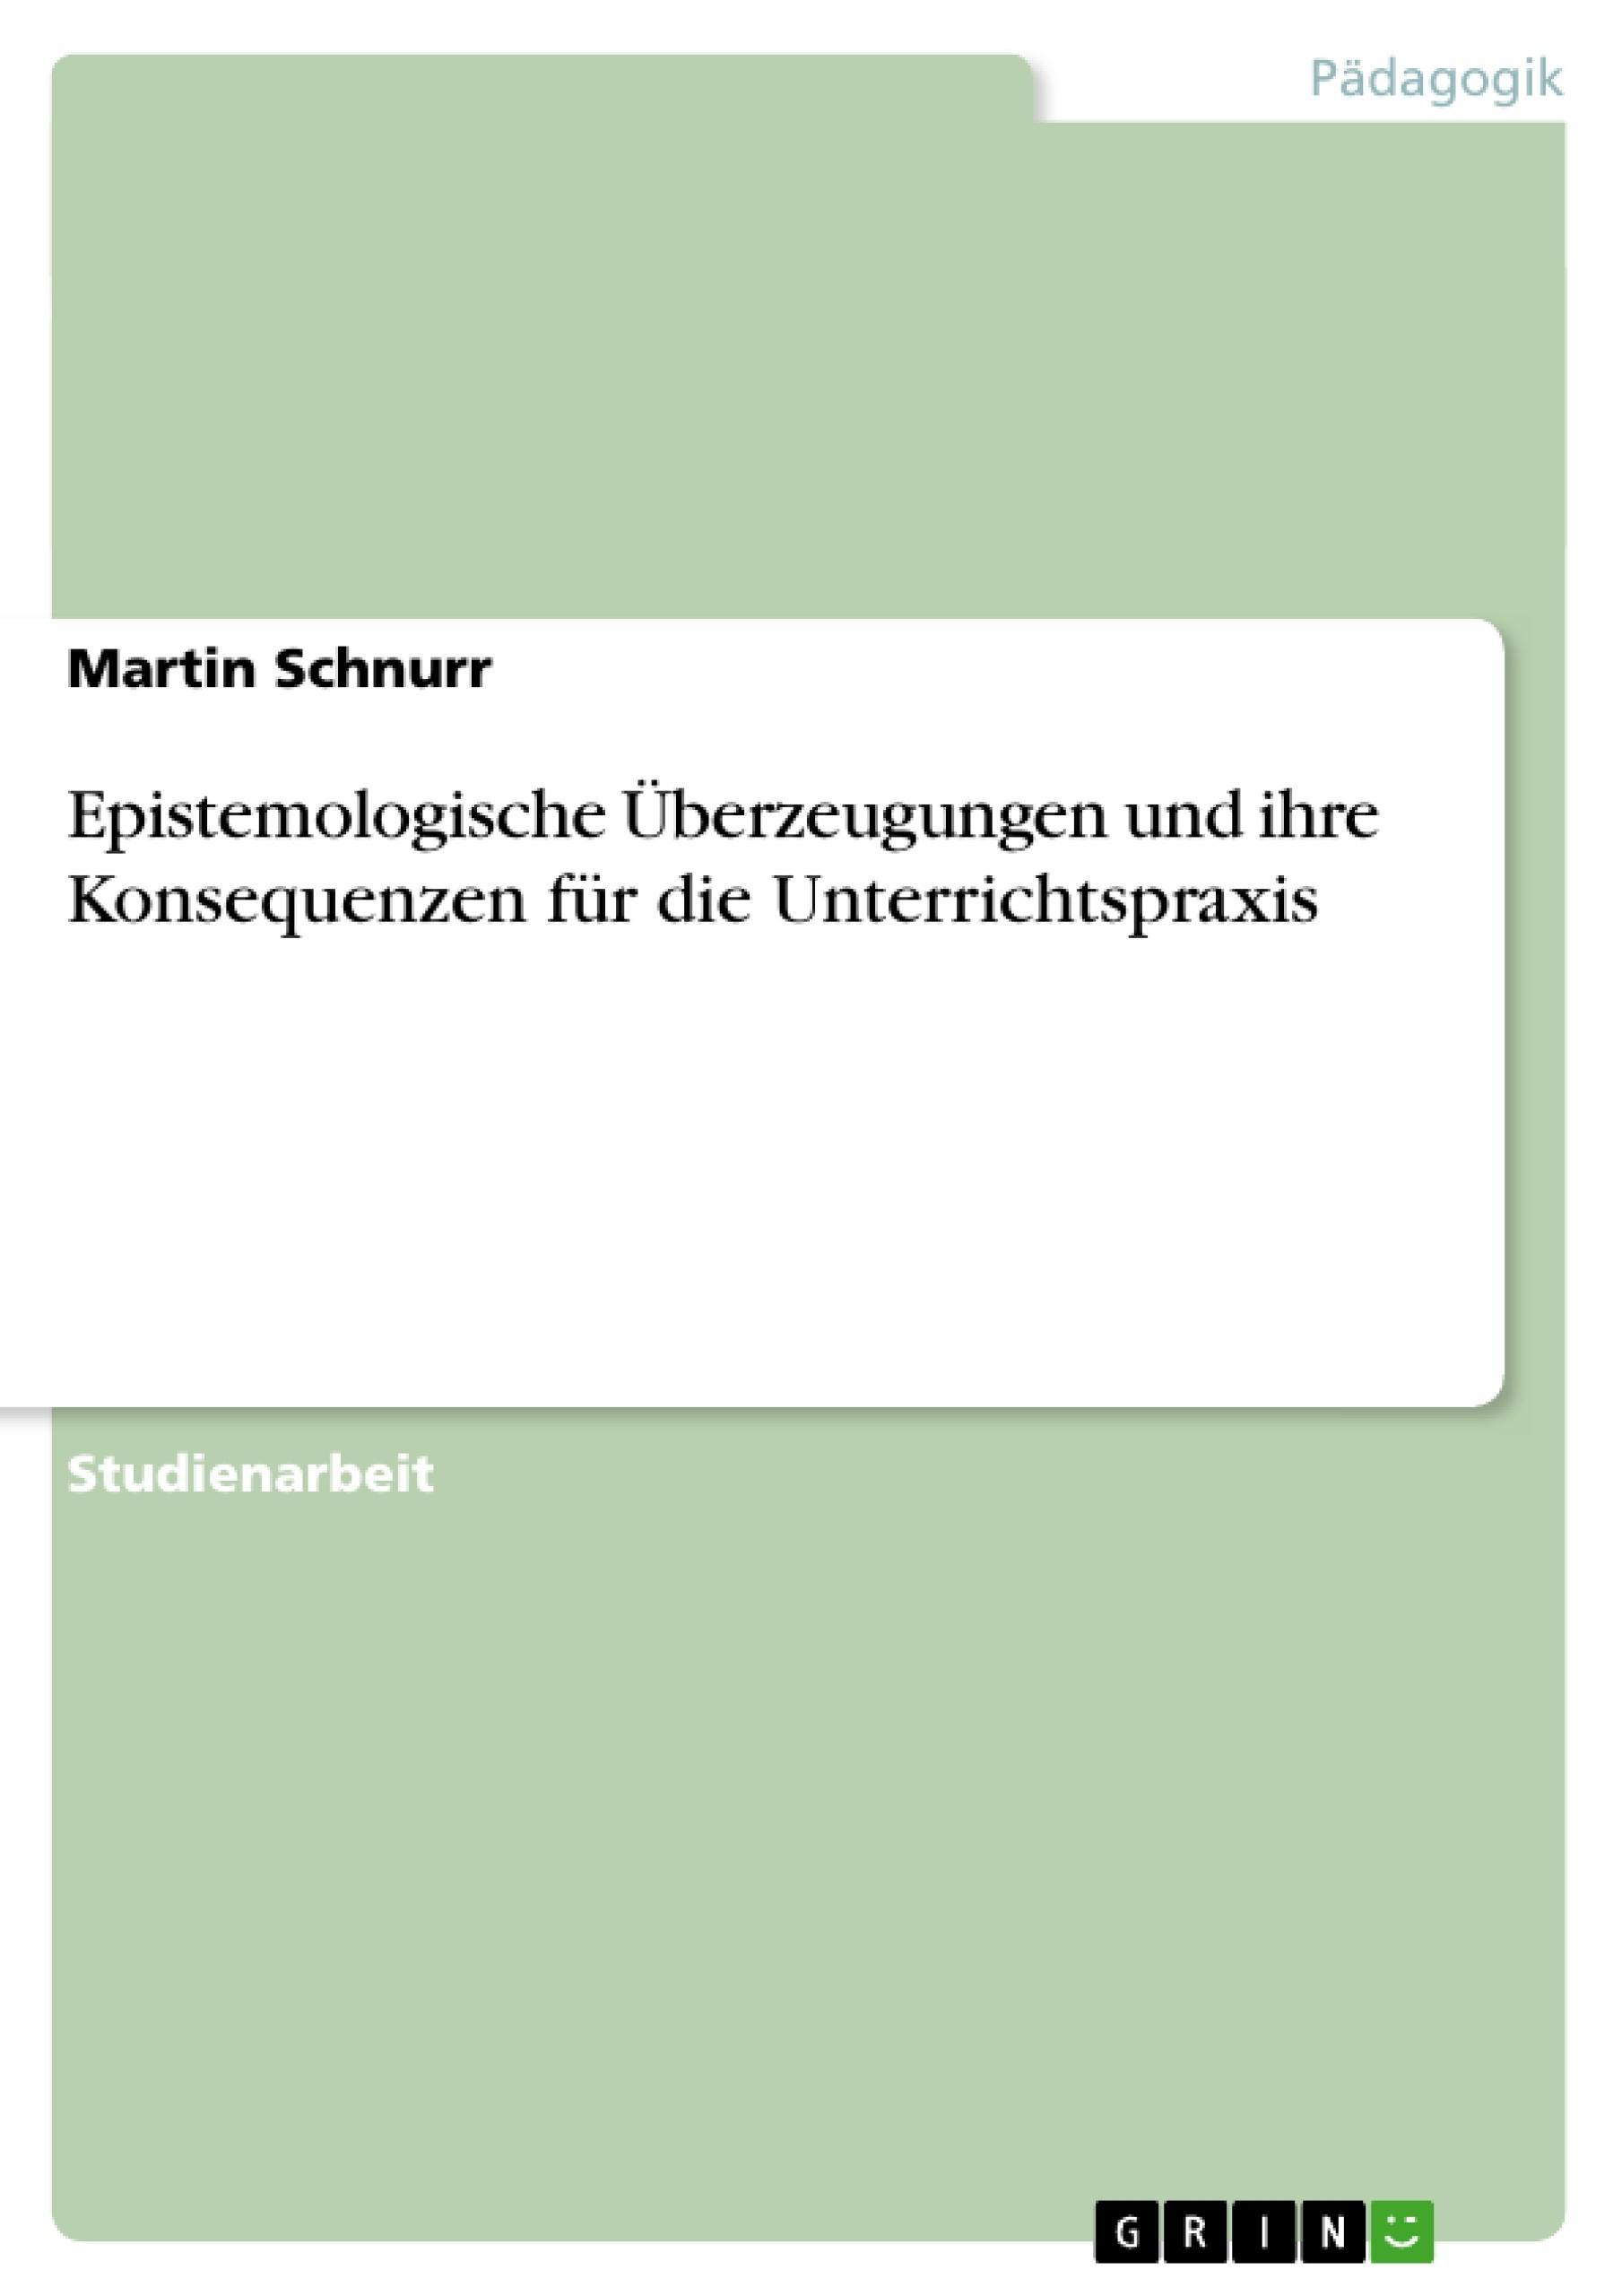 Titel: Epistemologische Überzeugungen und ihre Konsequenzen für die Unterrichtspraxis